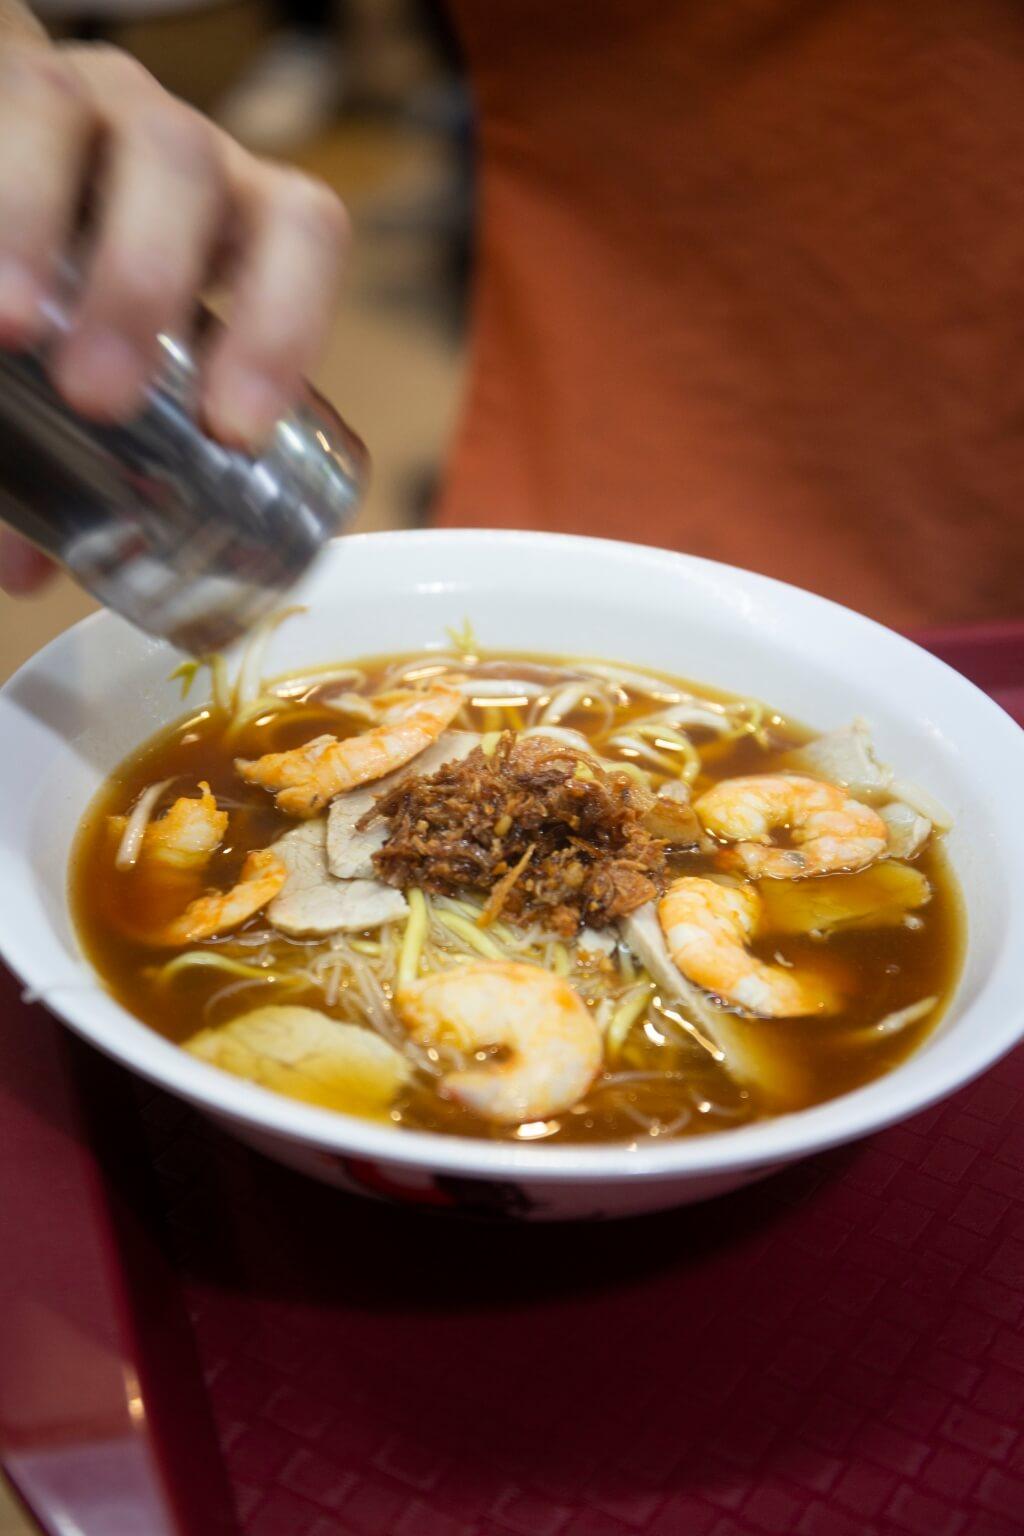 蝦湯香味樸素,也有食 客認為不夠味,所以會加鹽和 胡椒提味。